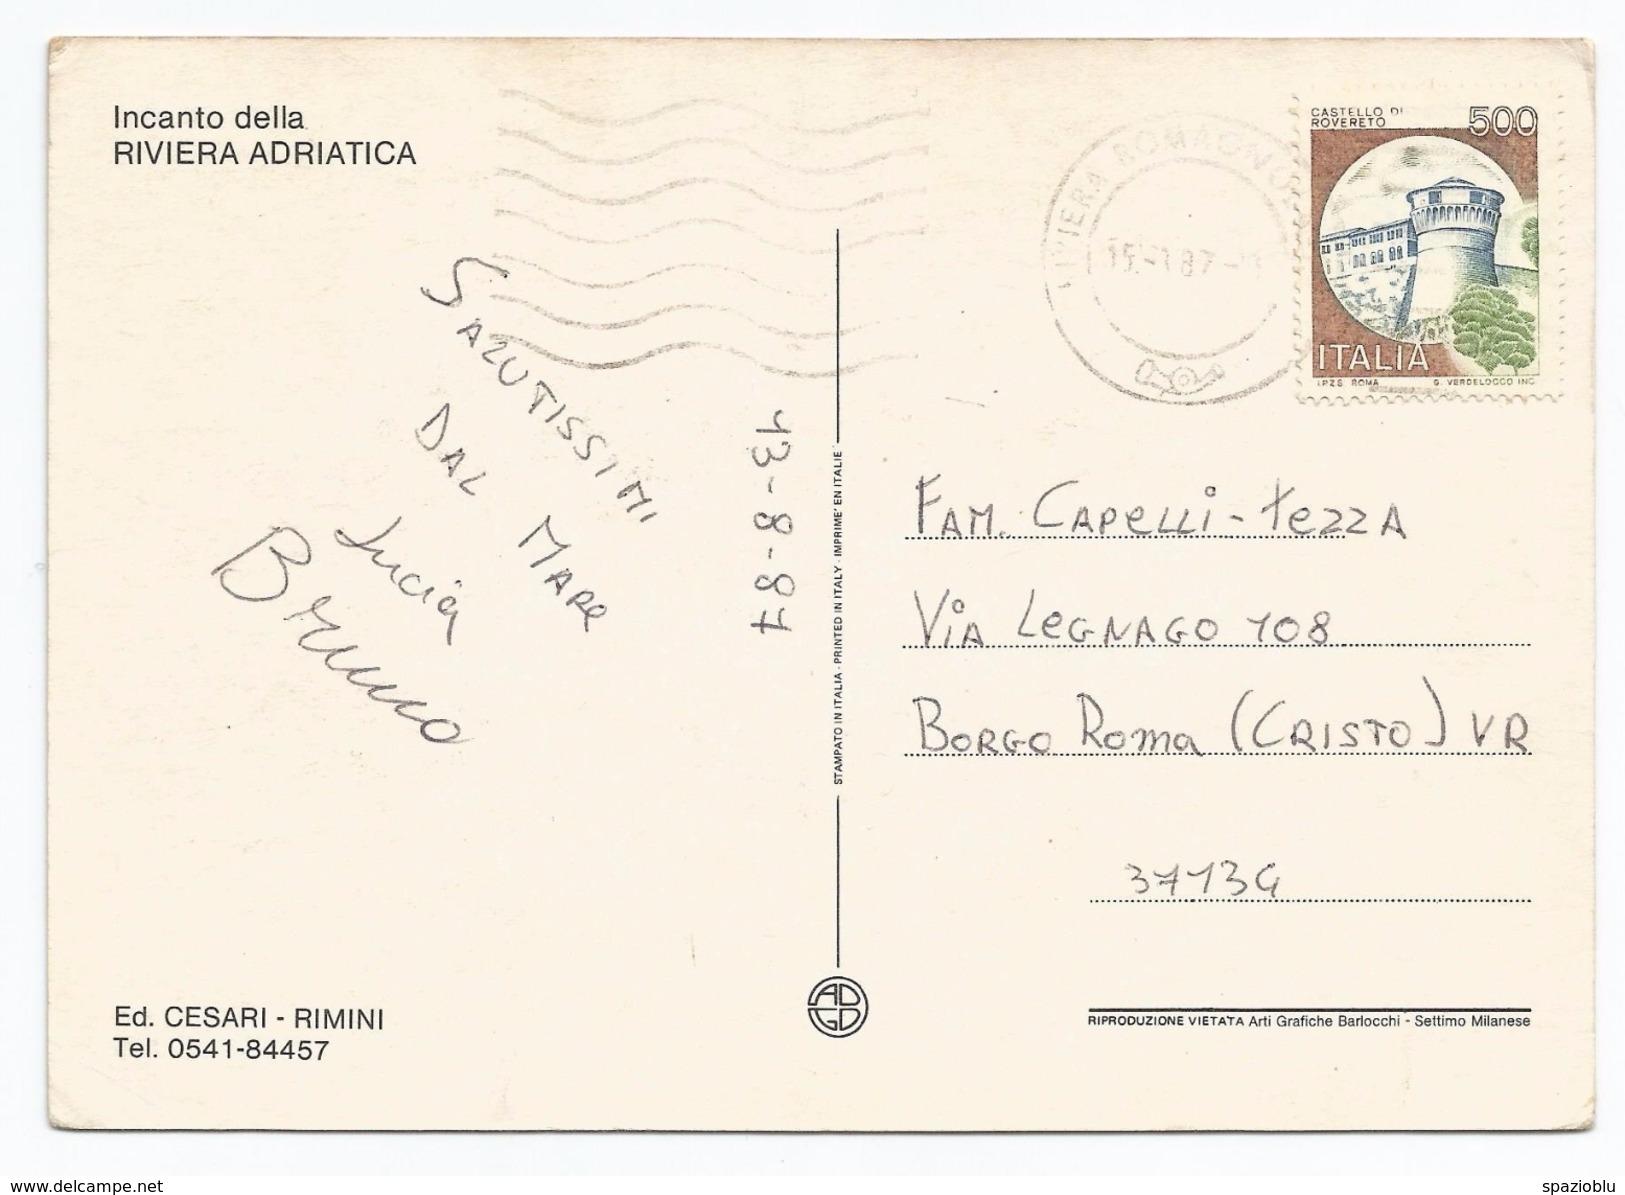 1987, Rimini - ...onde Dispettose... - Incanto Della Riviera Adriatica. - Rimini